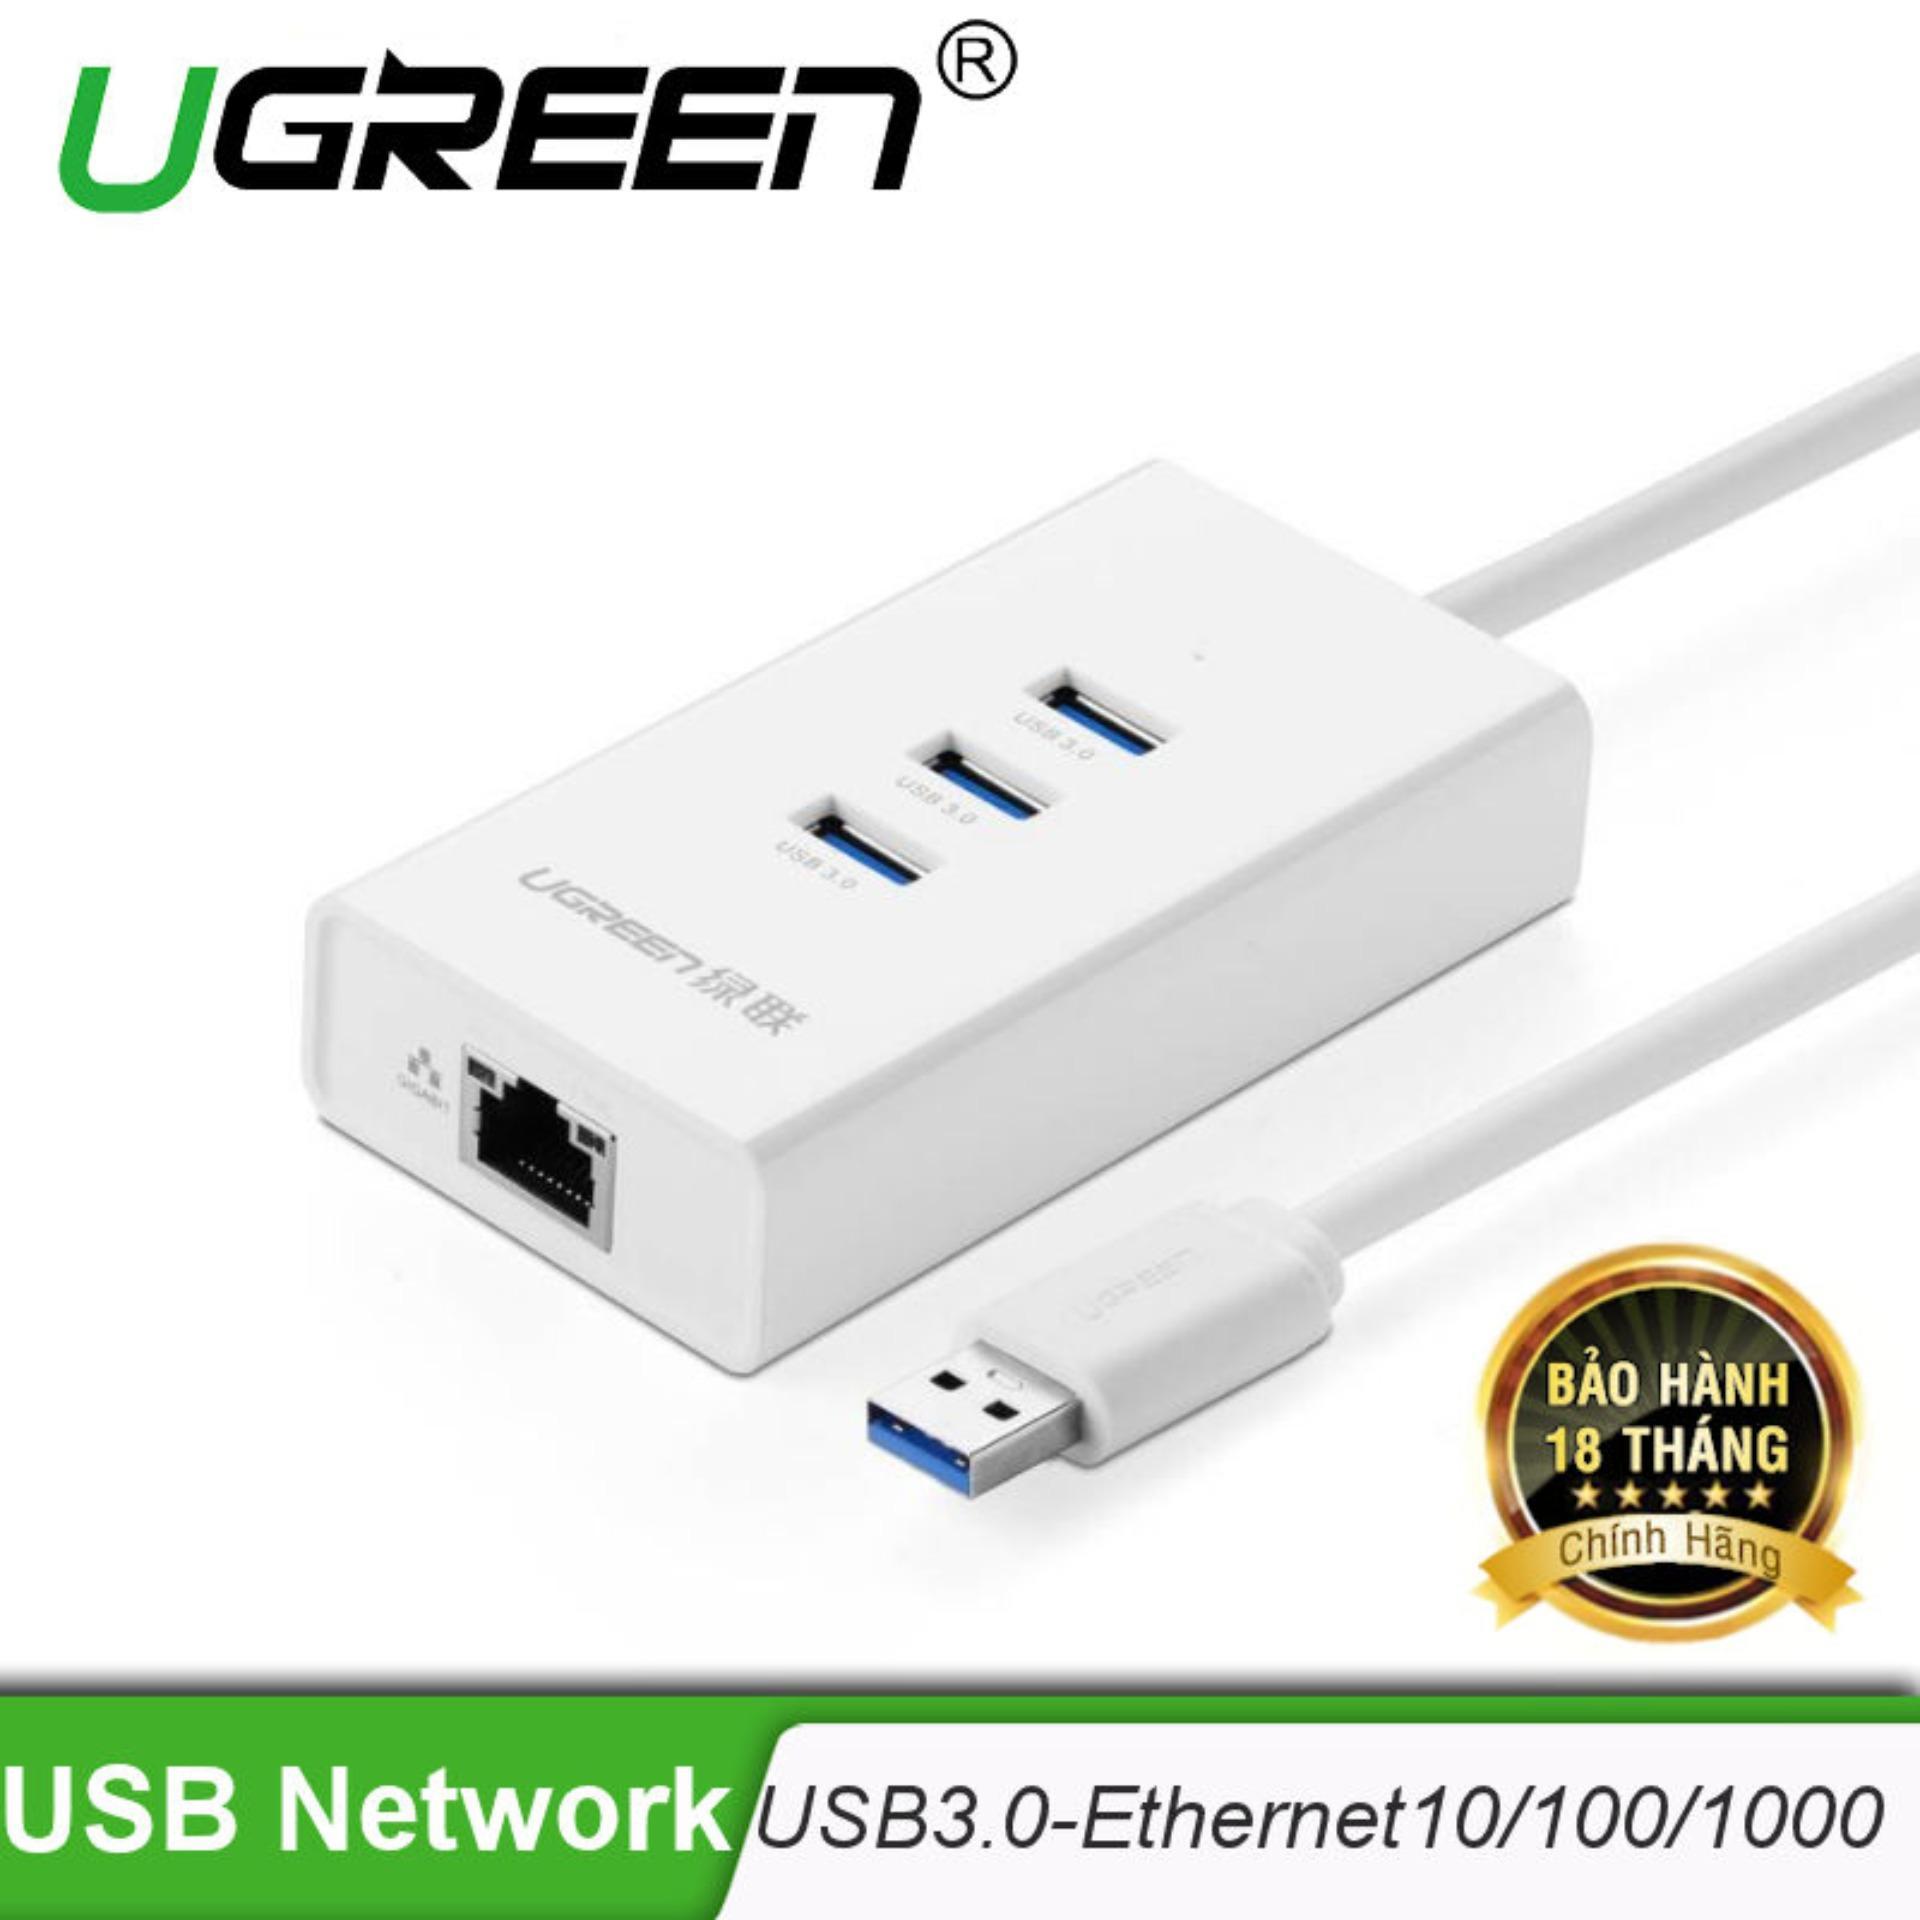 Giá Bán Usb 3 Kết Hợp Cổng Ethernet 10 100Mbps Chip Reatek Ugreen Cr102 20262 Hang Phan Phối Chinh Thức Trong Hà Nội